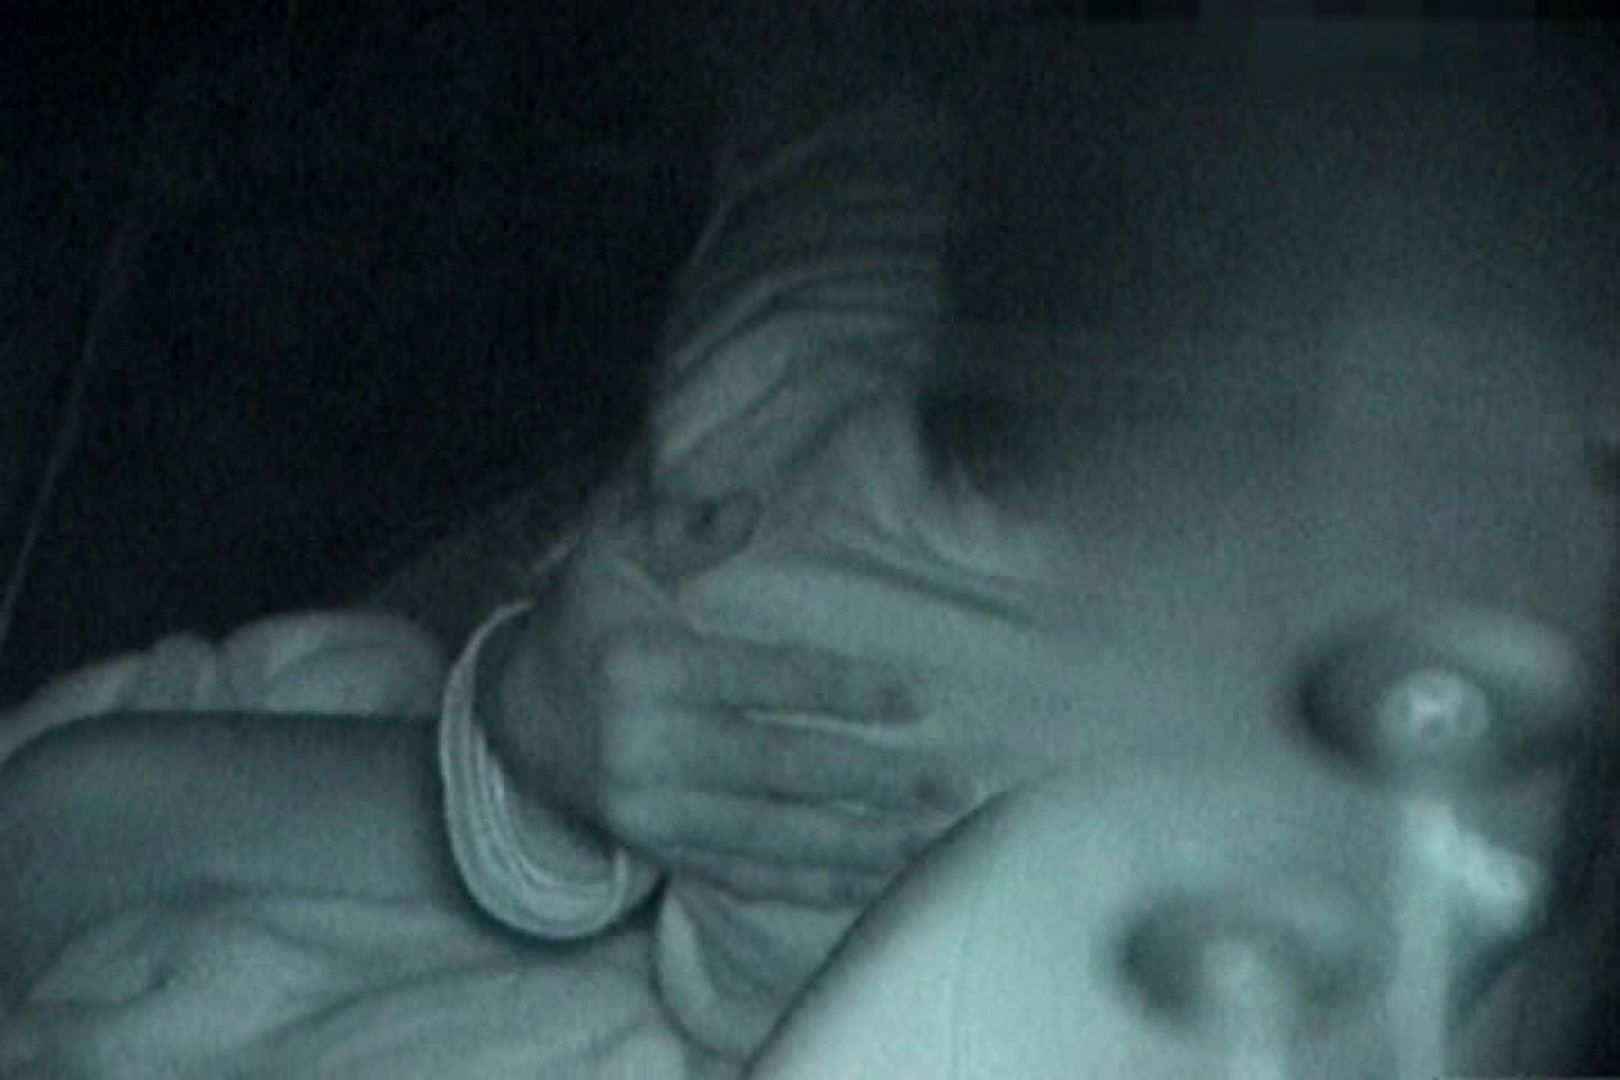 充血監督の深夜の運動会Vol.160 おまんこ ヌード画像 83pic 68